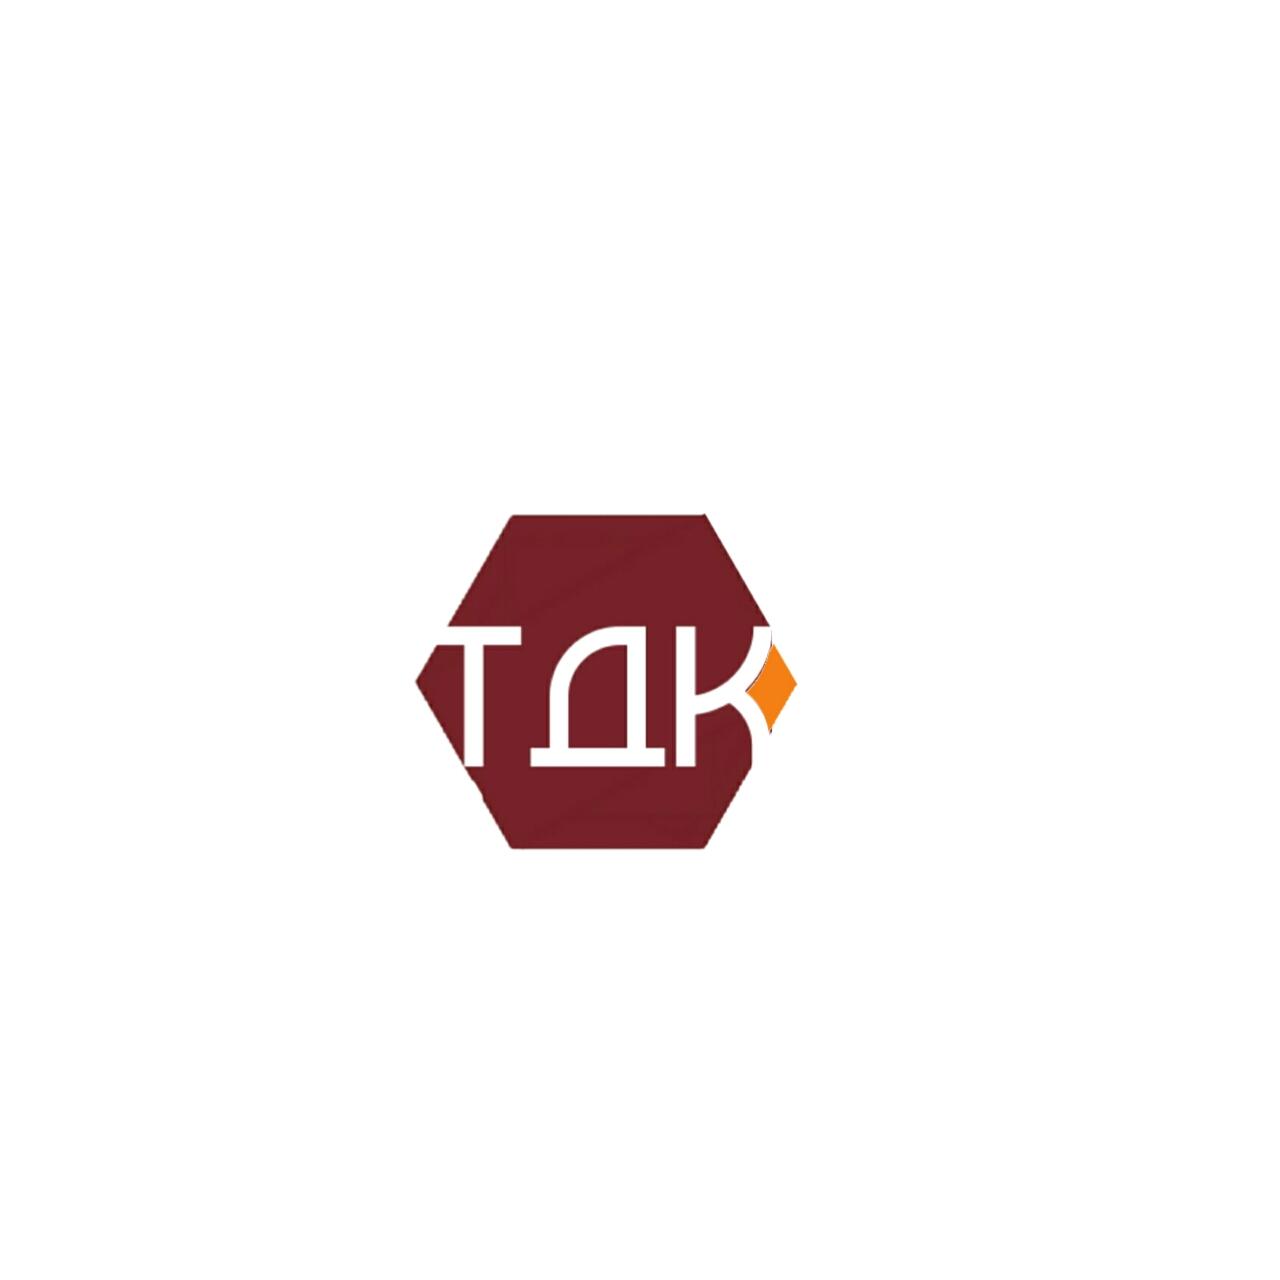 Логотип для камнедобывающей компании фото f_1125b991af756855.jpg